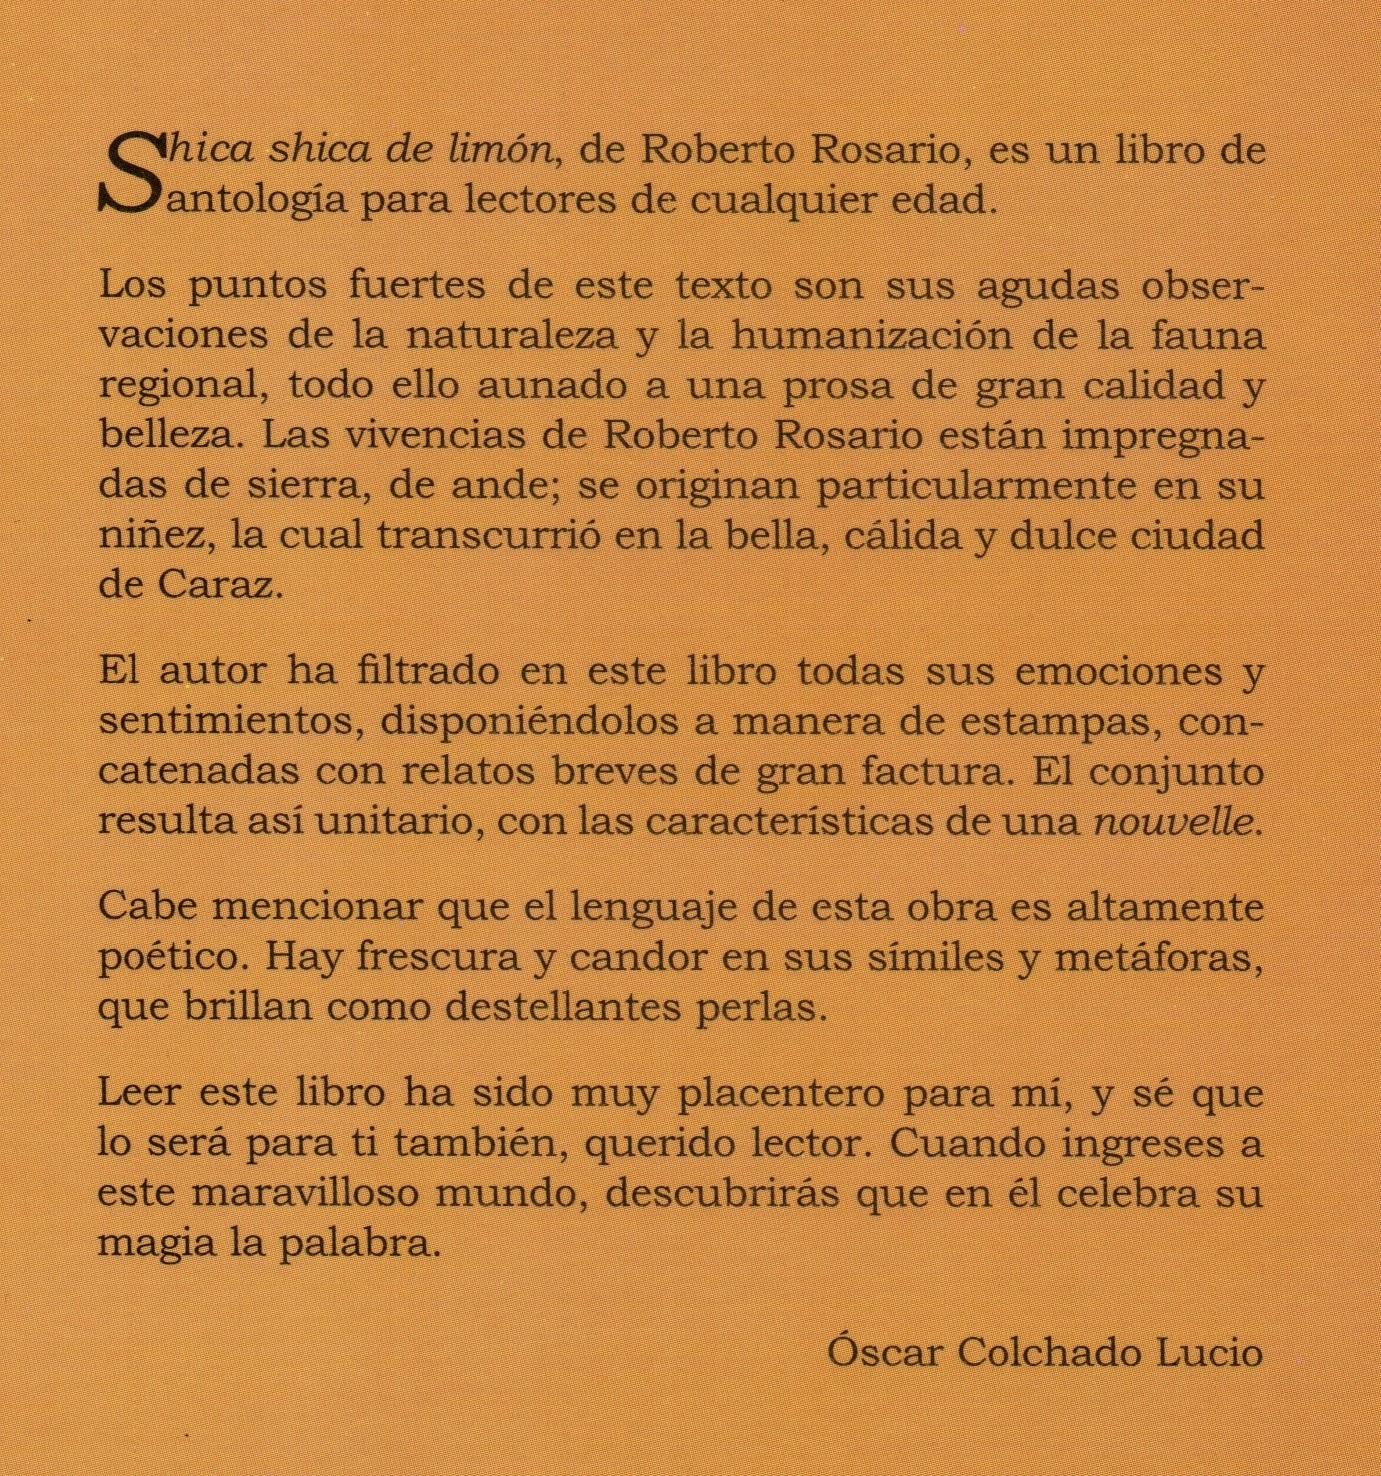 Nueva ediciòn de SHICA SHICA DE LIMON de Roberto Rosario | El MUKI ...